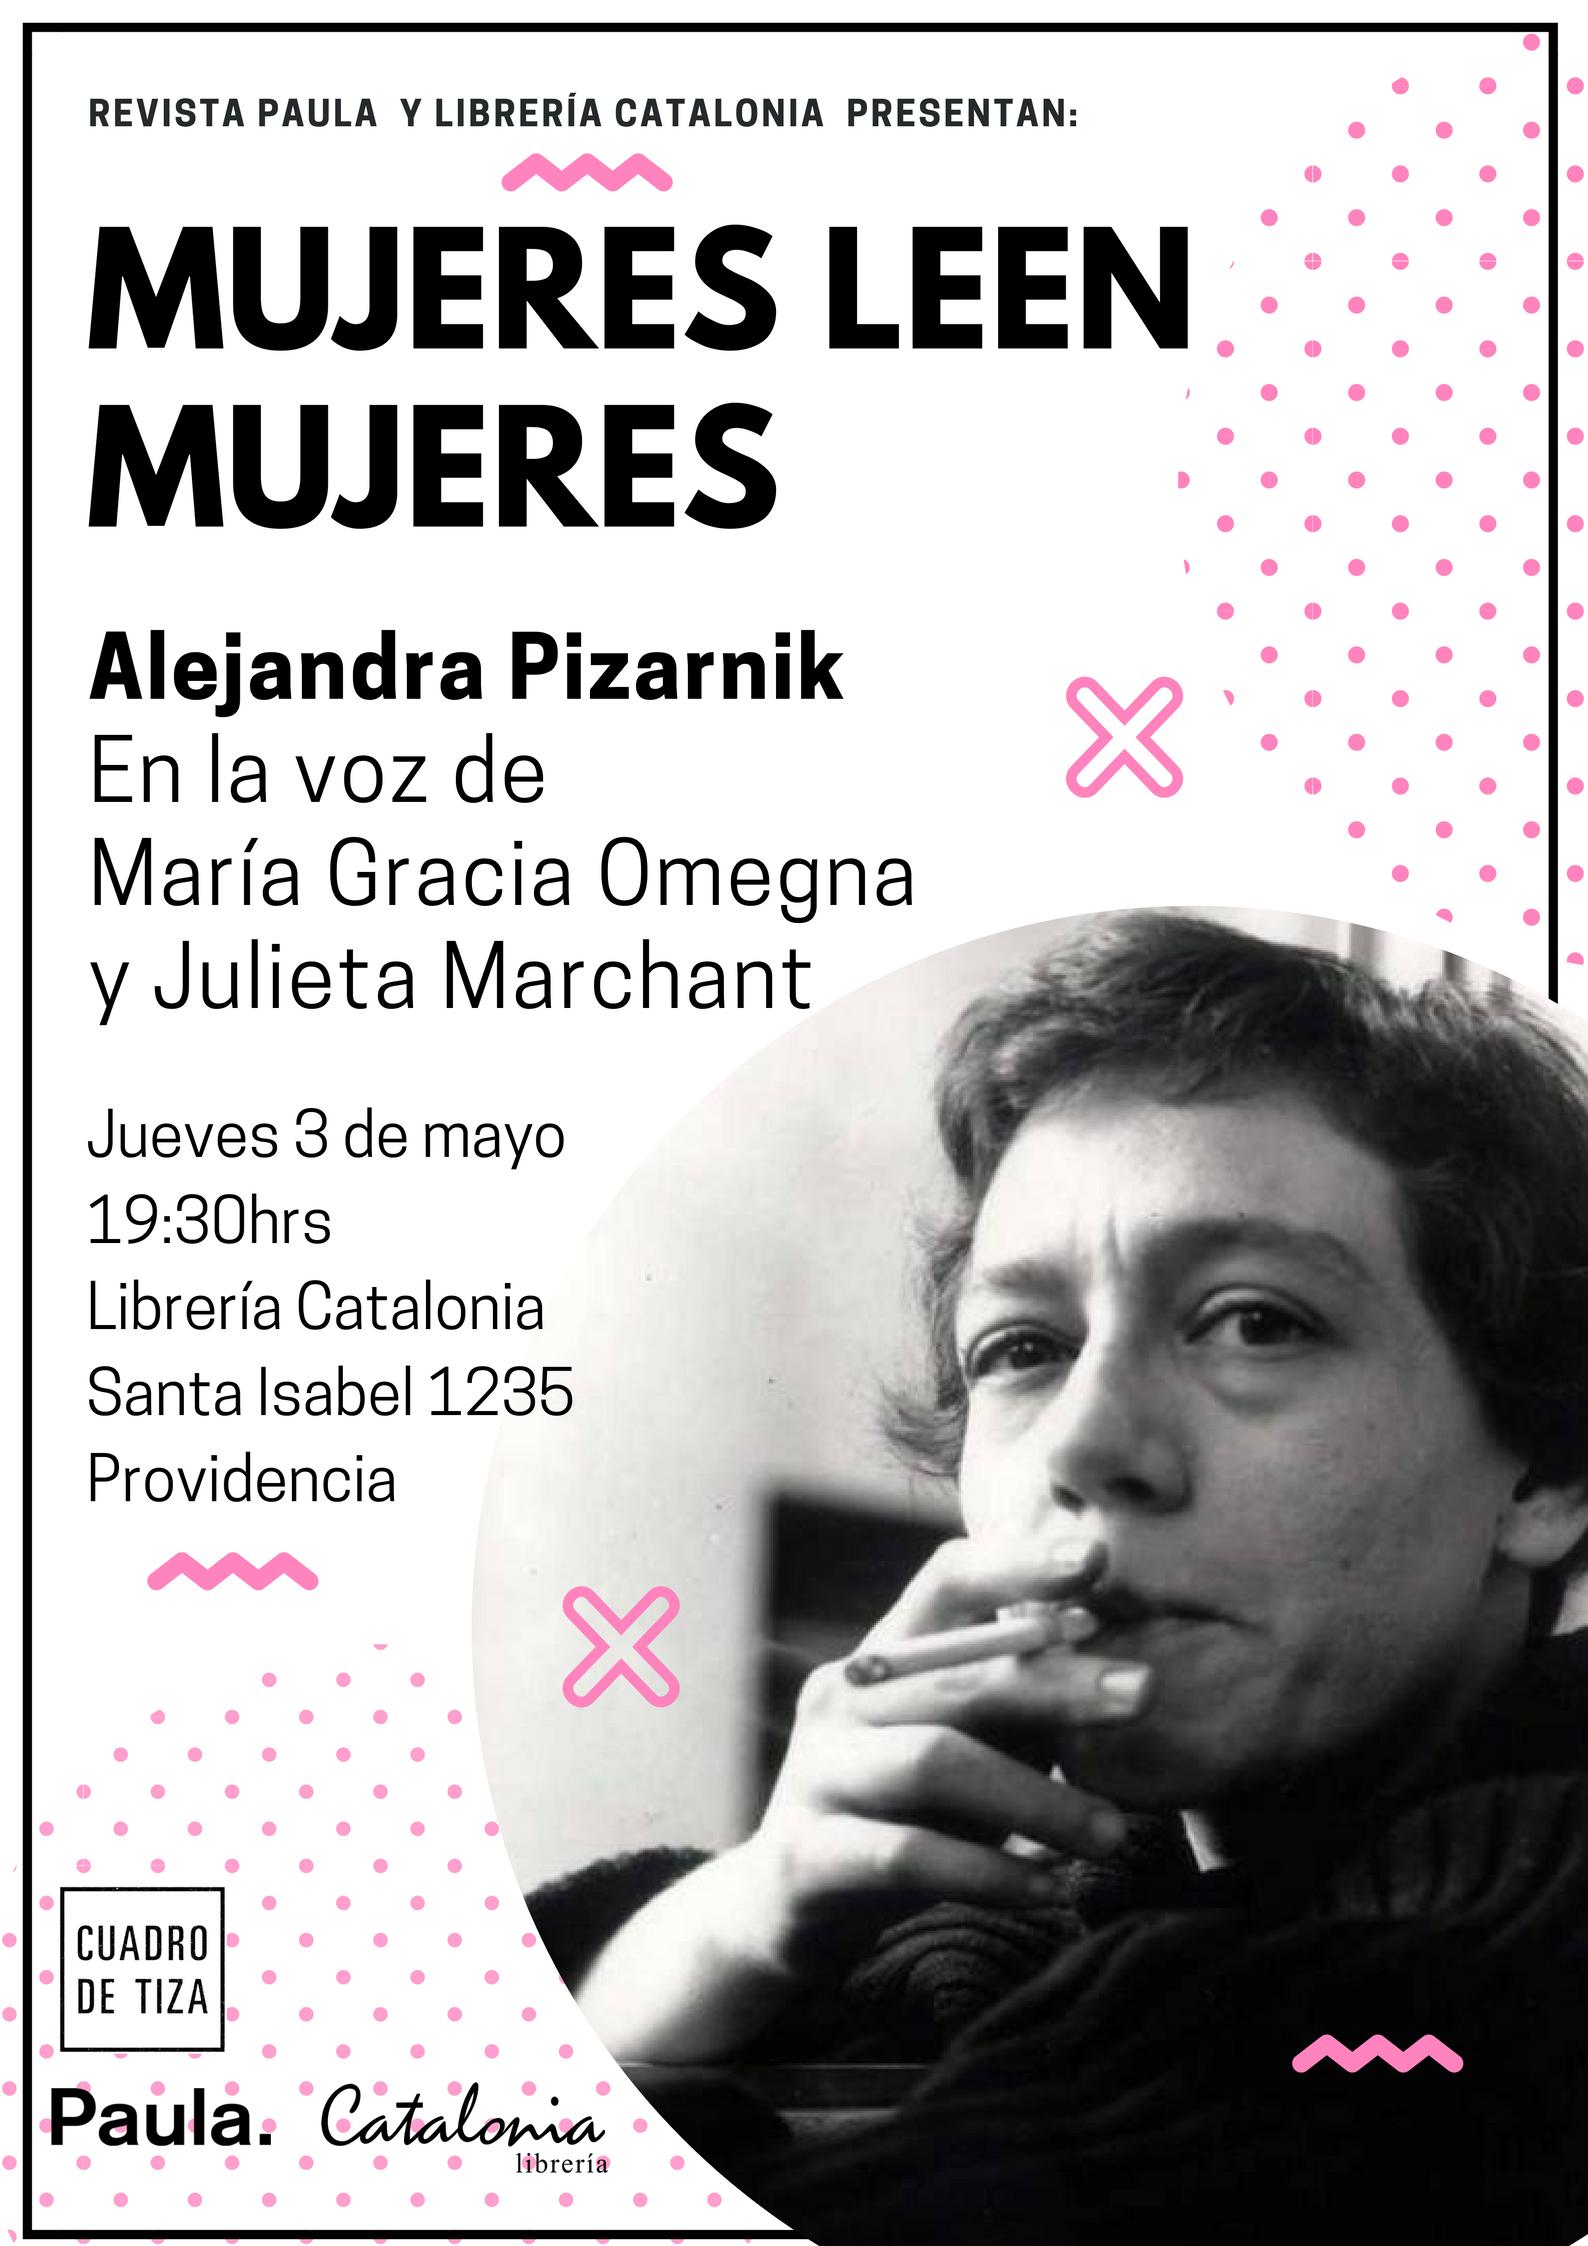 Mujeres leen mujeres: Alejandra Pizarnik